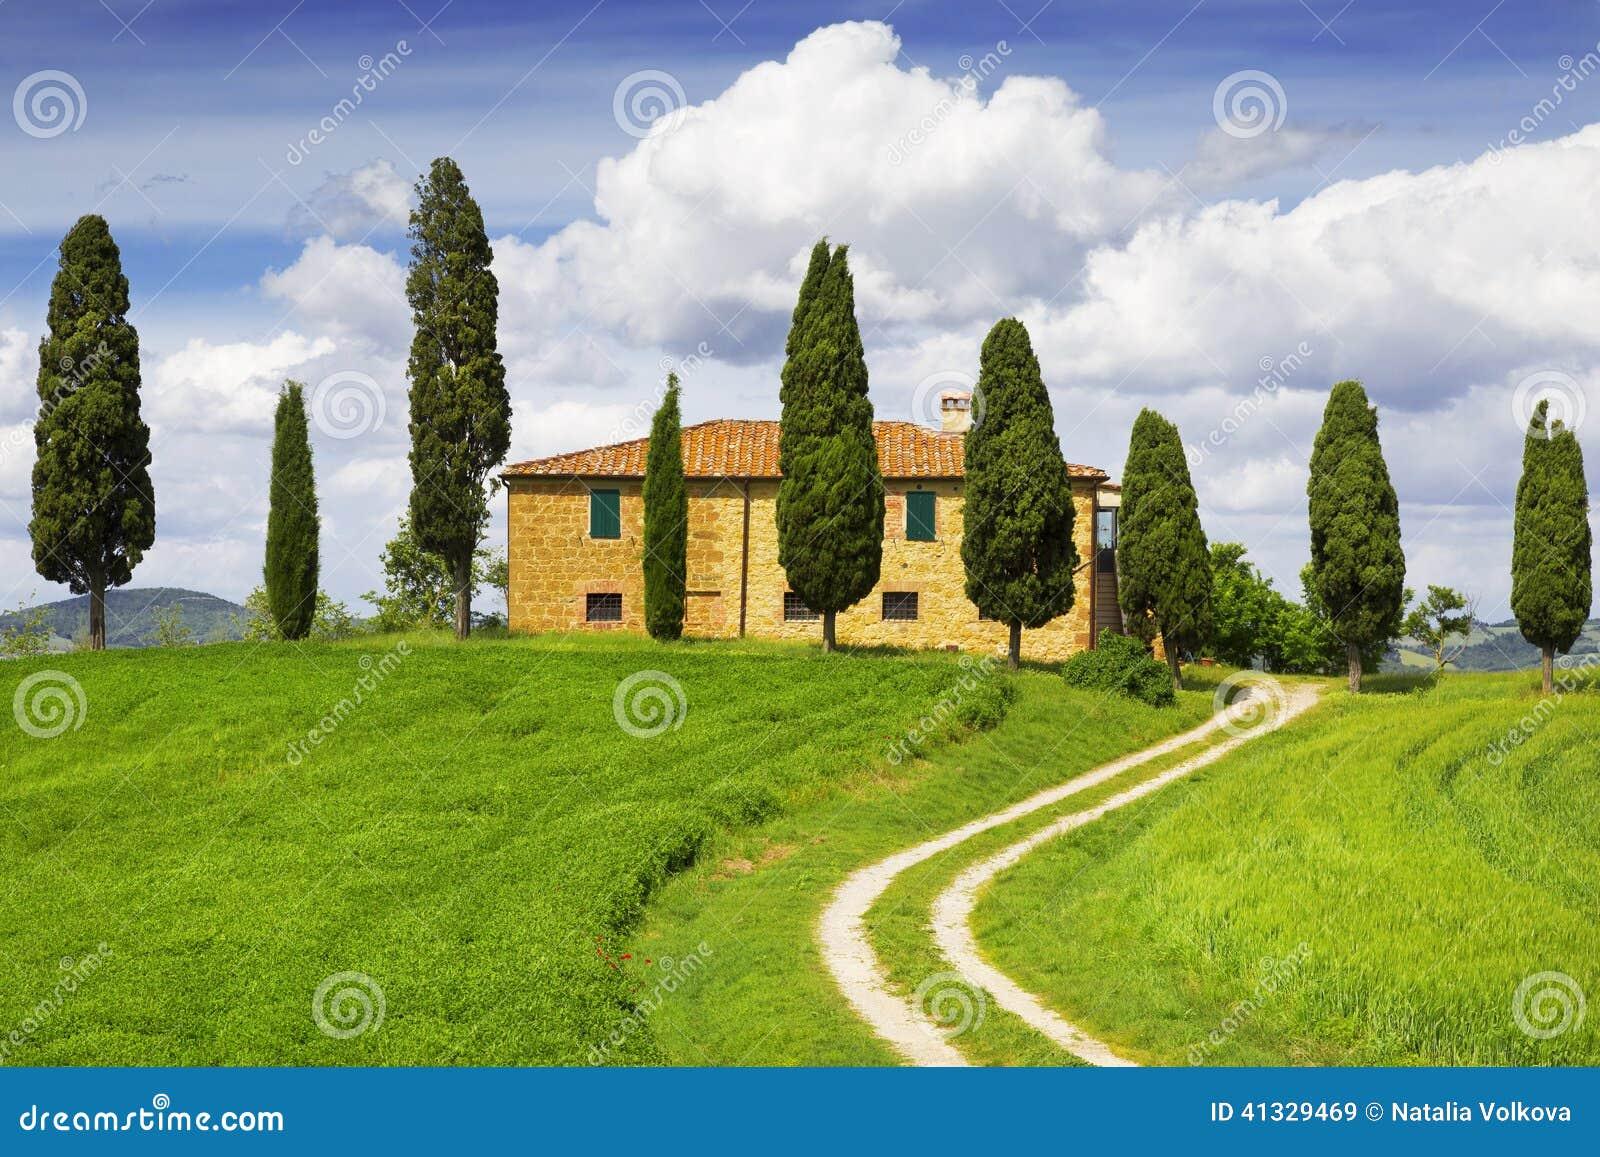 Casa rural con los rboles de cipr s alrededor toscana for Hotel con casas colgadas de los arboles